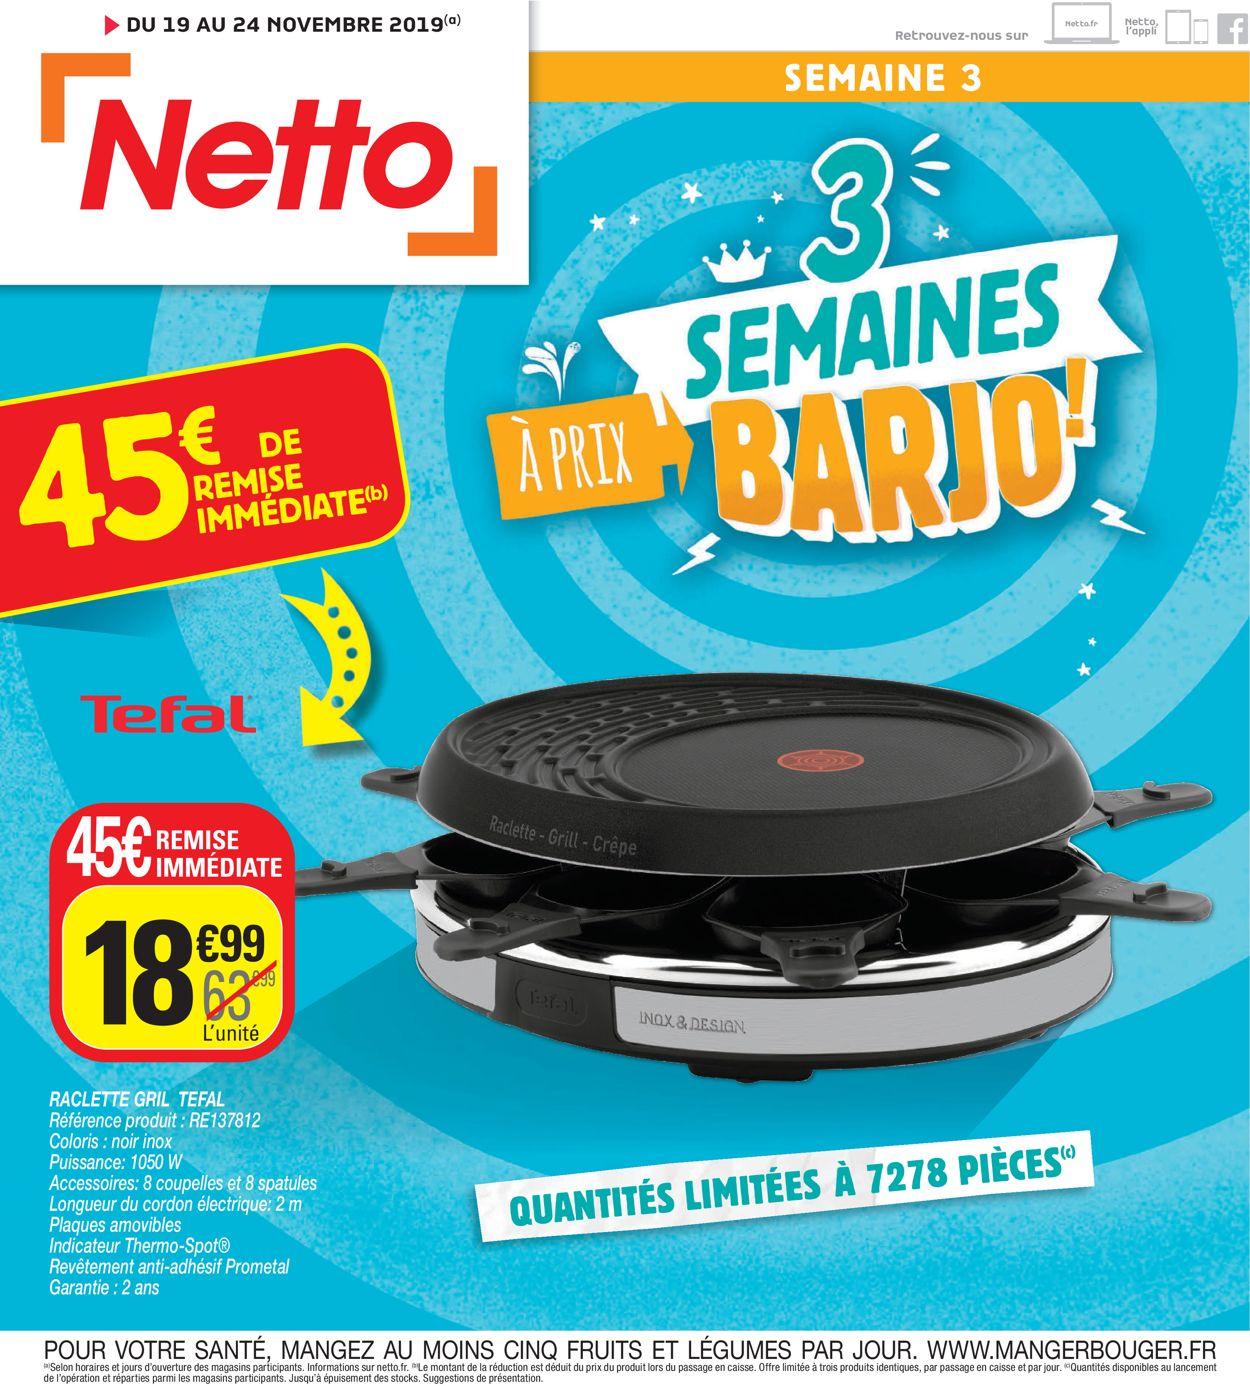 Netto Catalogue - 19.11-24.11.2019